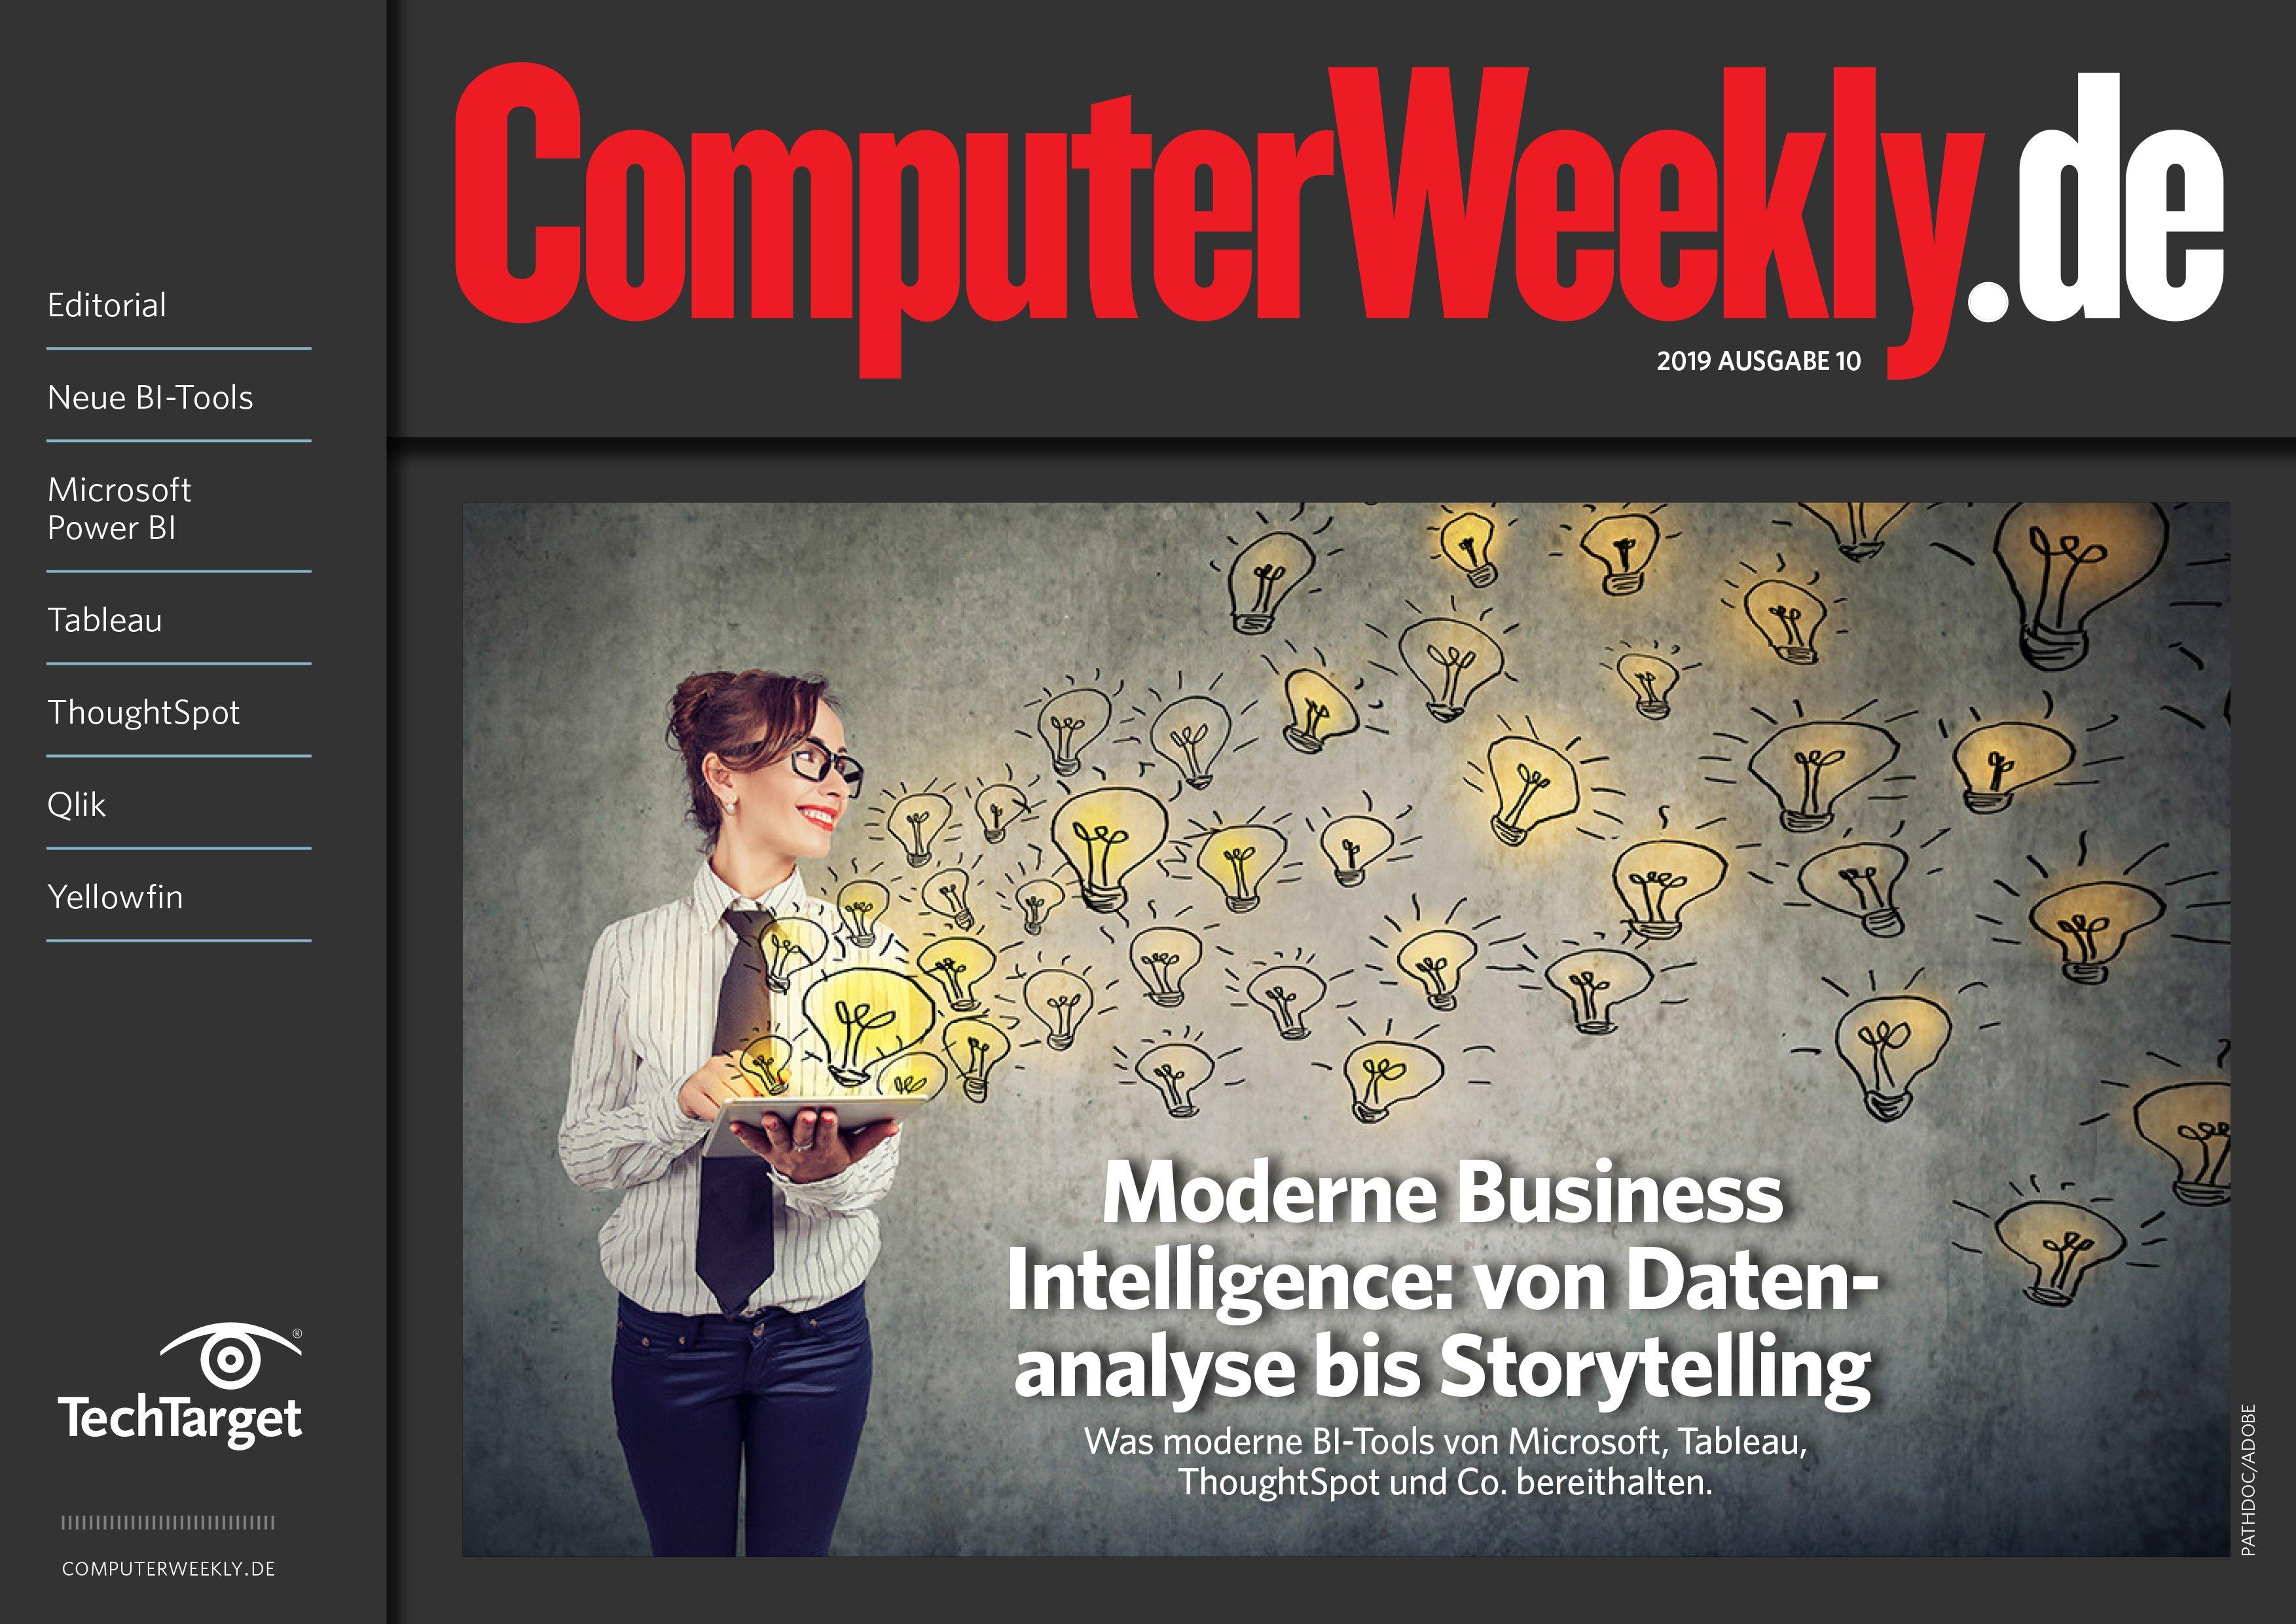 Moderne Business Intelligence: Von Datenanalyse Bis Storytelling